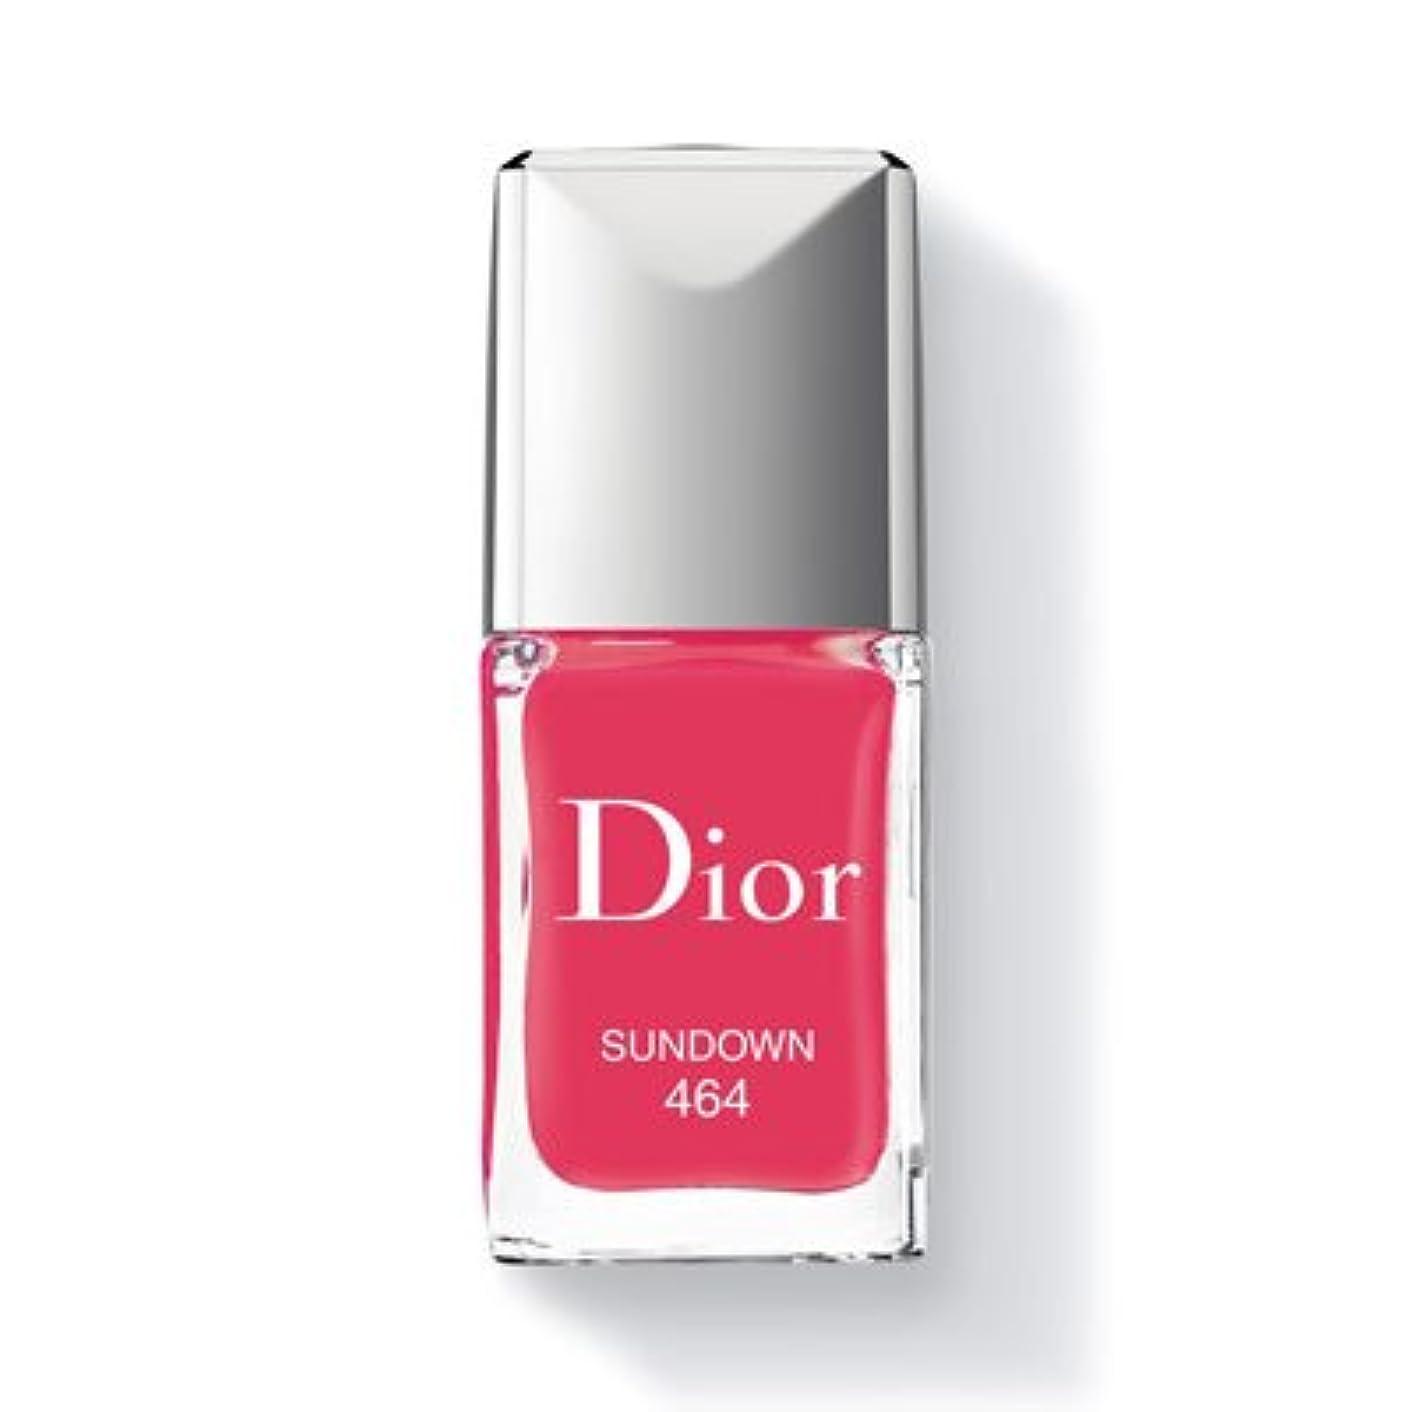 差一緒に混合したChristian Dior クリスチャン ディオール ディオール ヴェルニ #464 SUNDOWN 10ml [並行輸入品]